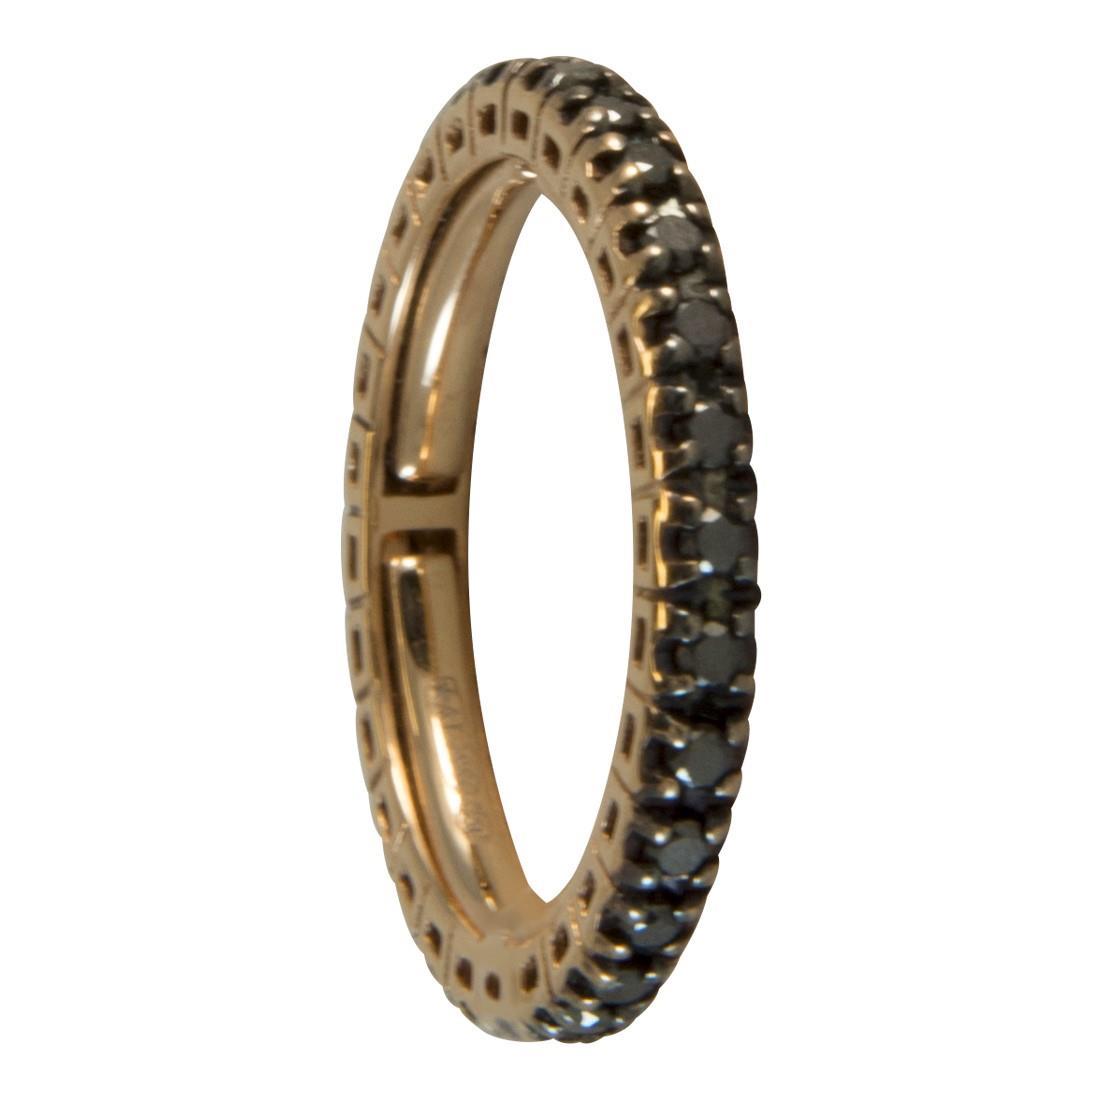 Anello  in oro 18kt con diamanti neri ct 0.55 - ALFIERI ST JOHN